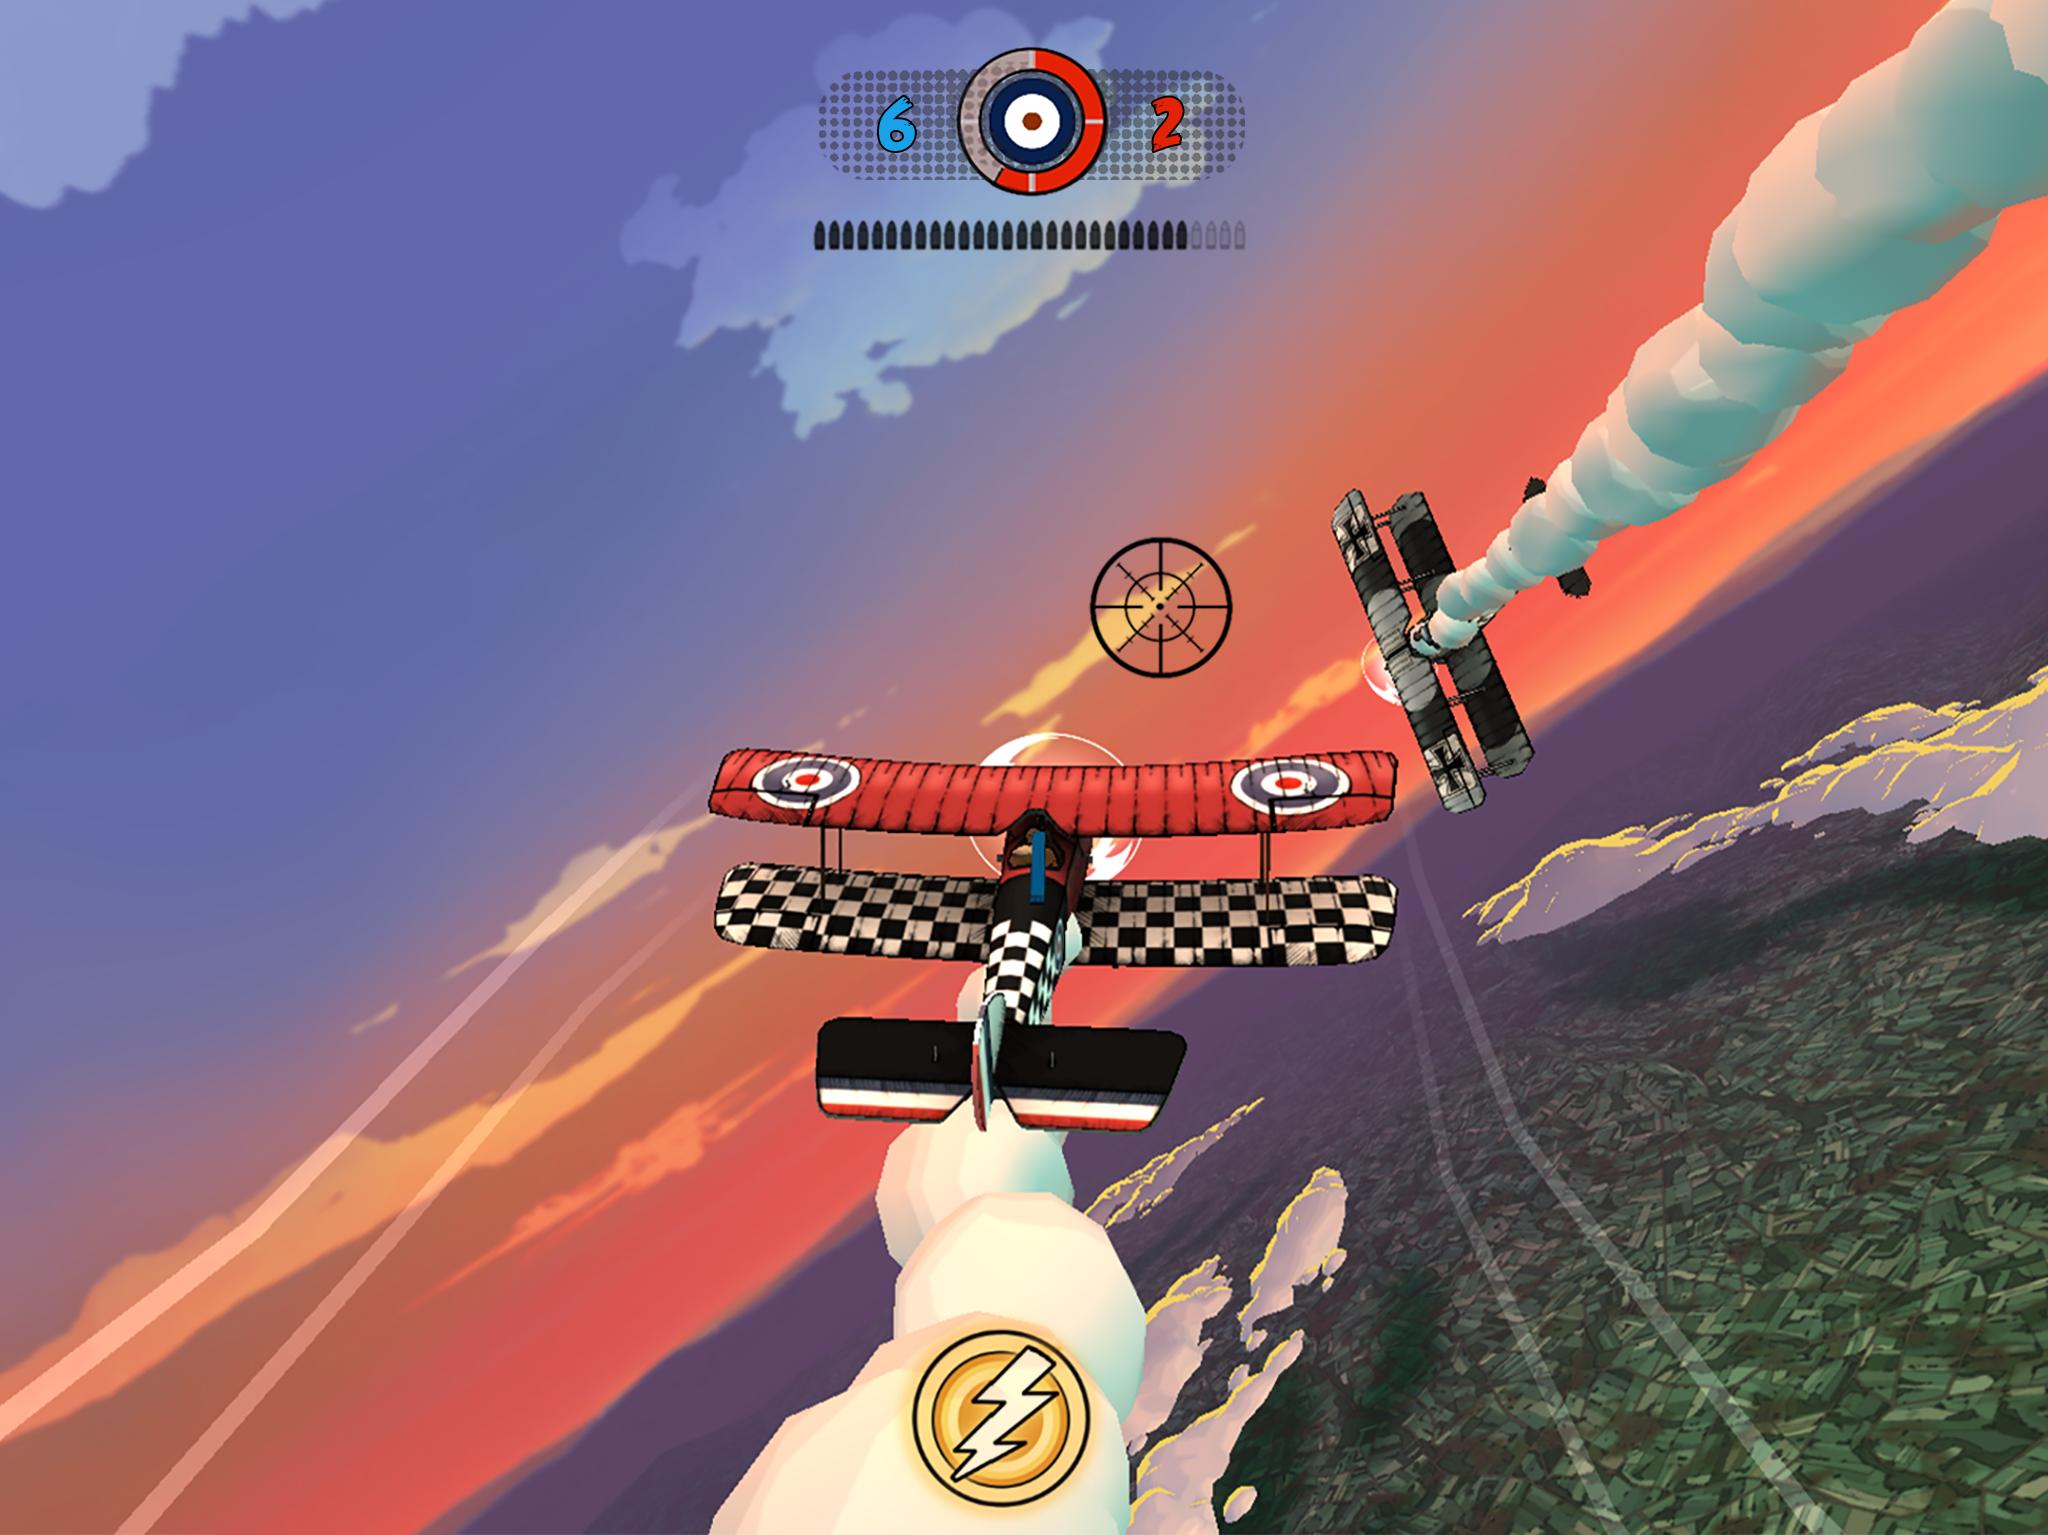 Skies of Fury 3